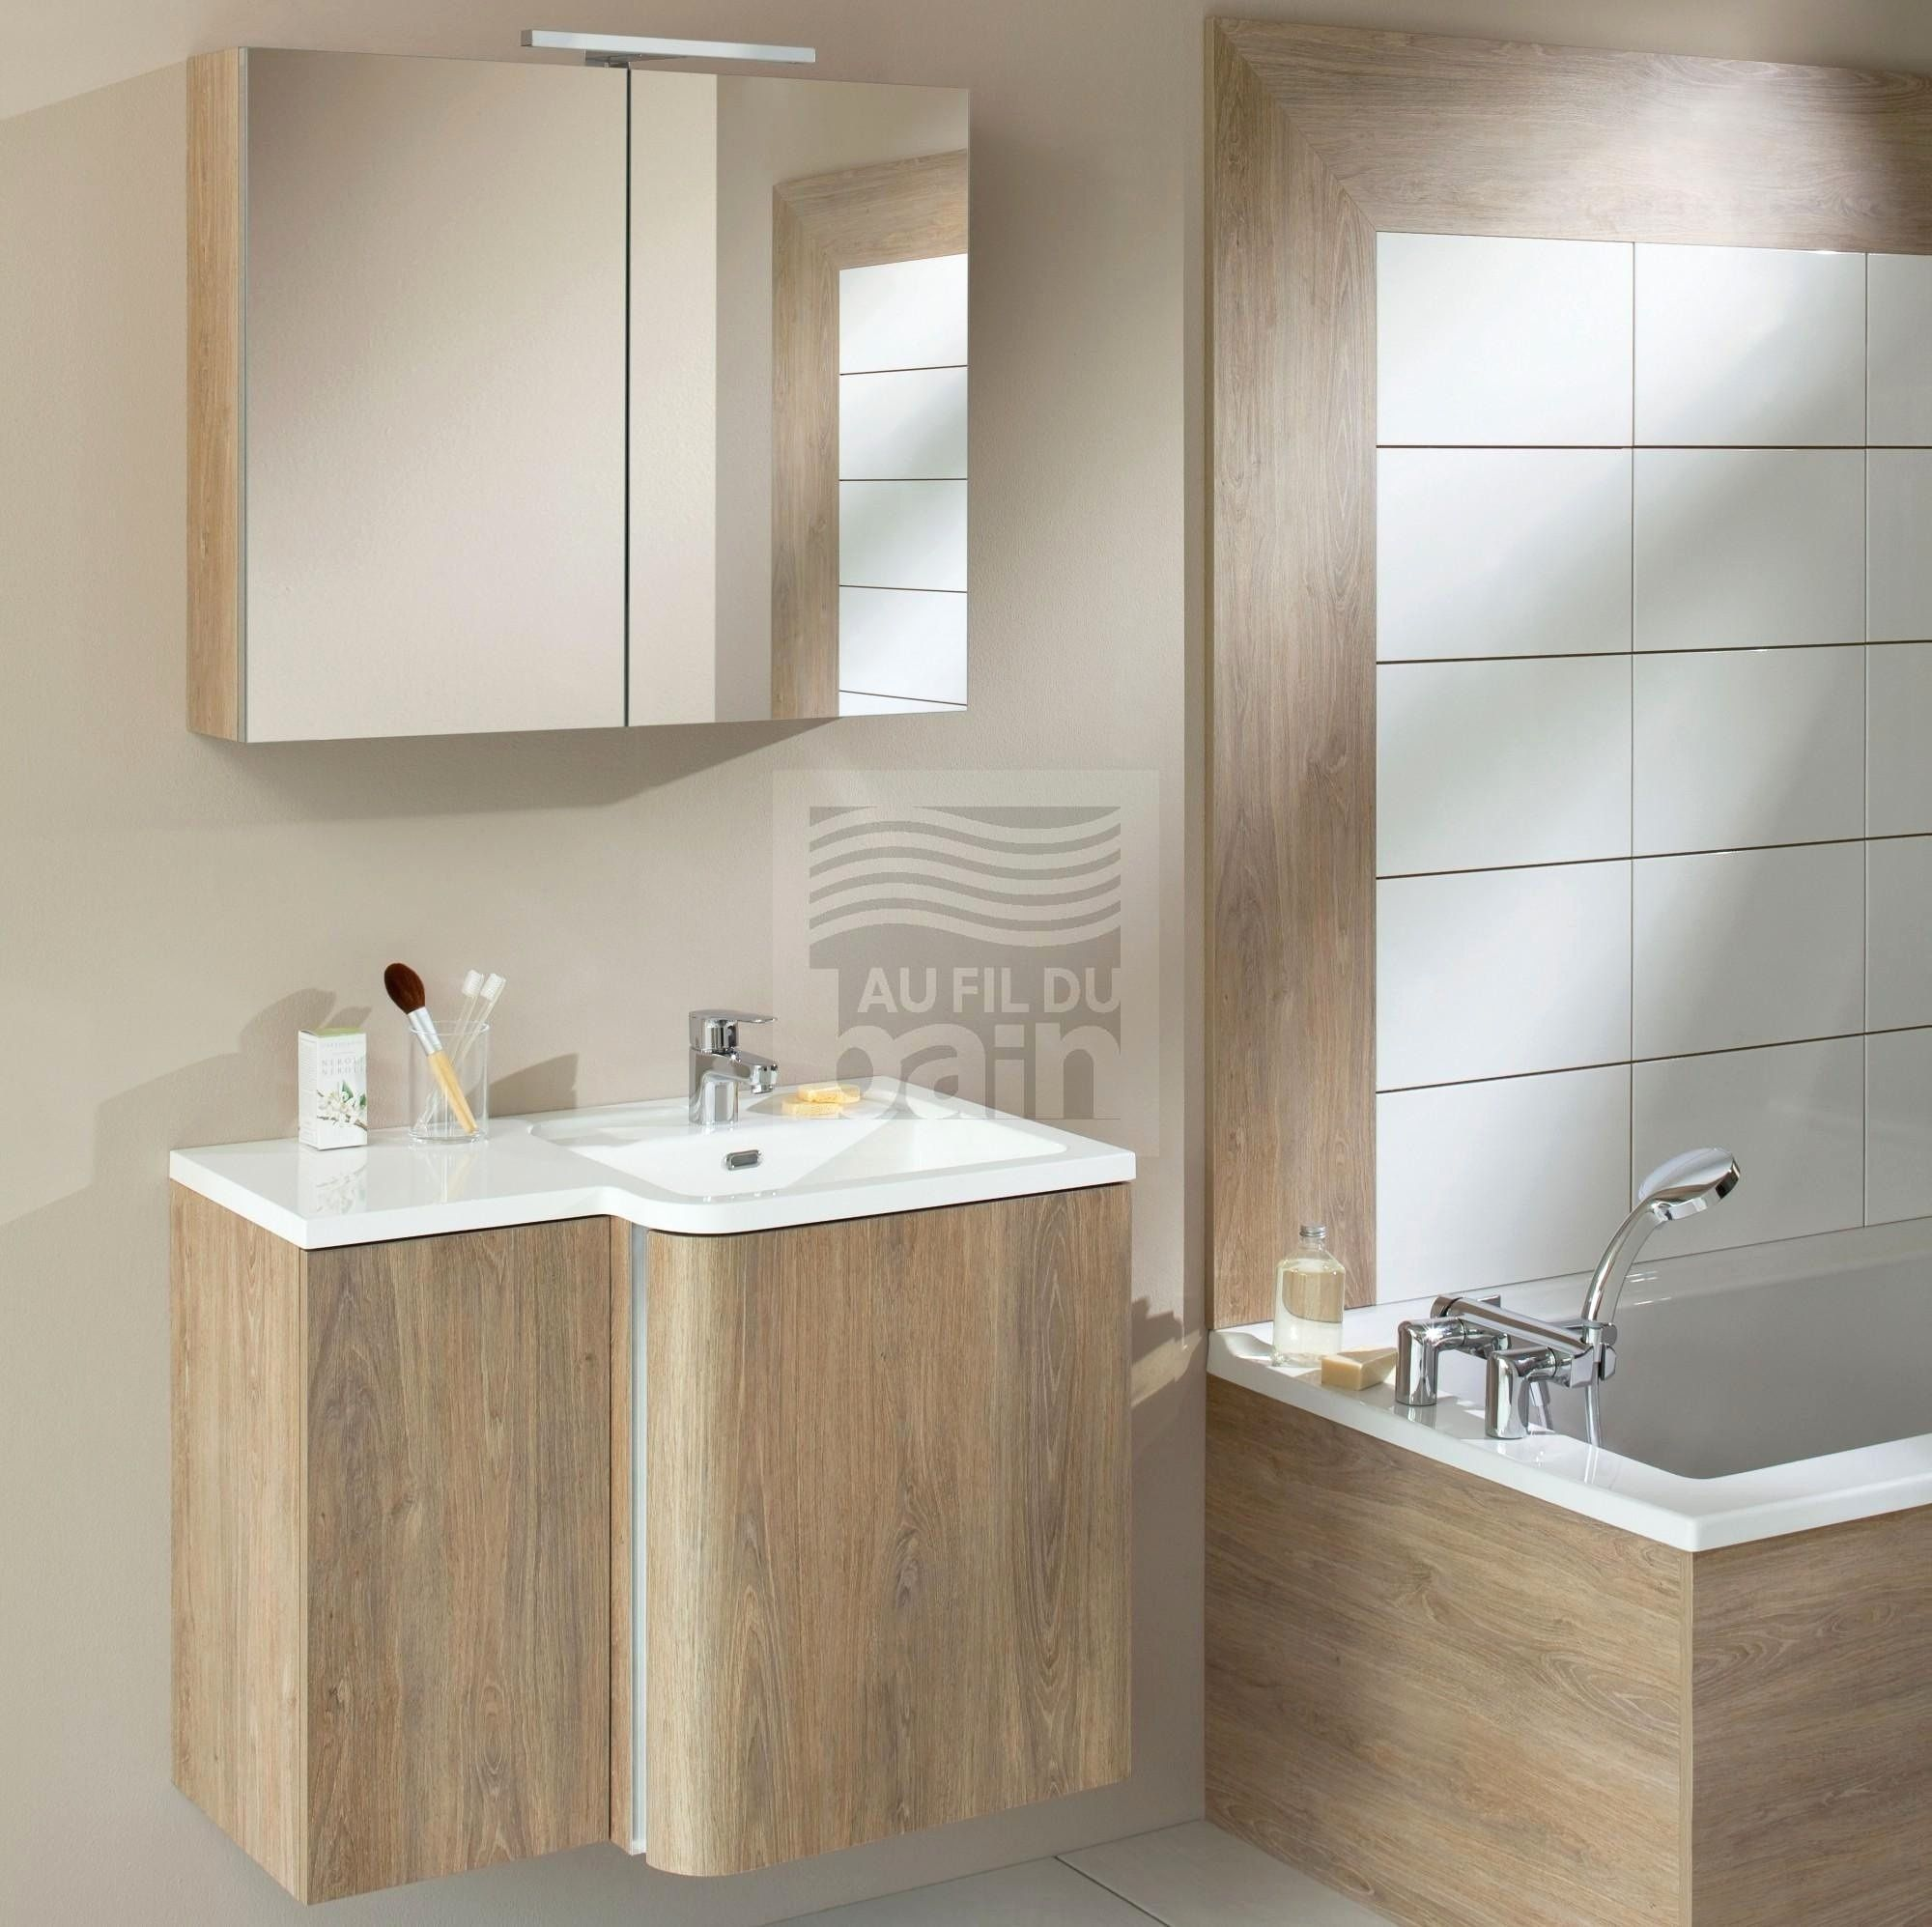 Salle De Bain Allemagne 14 harmonieux meuble salle de bain allemagne coups | salle